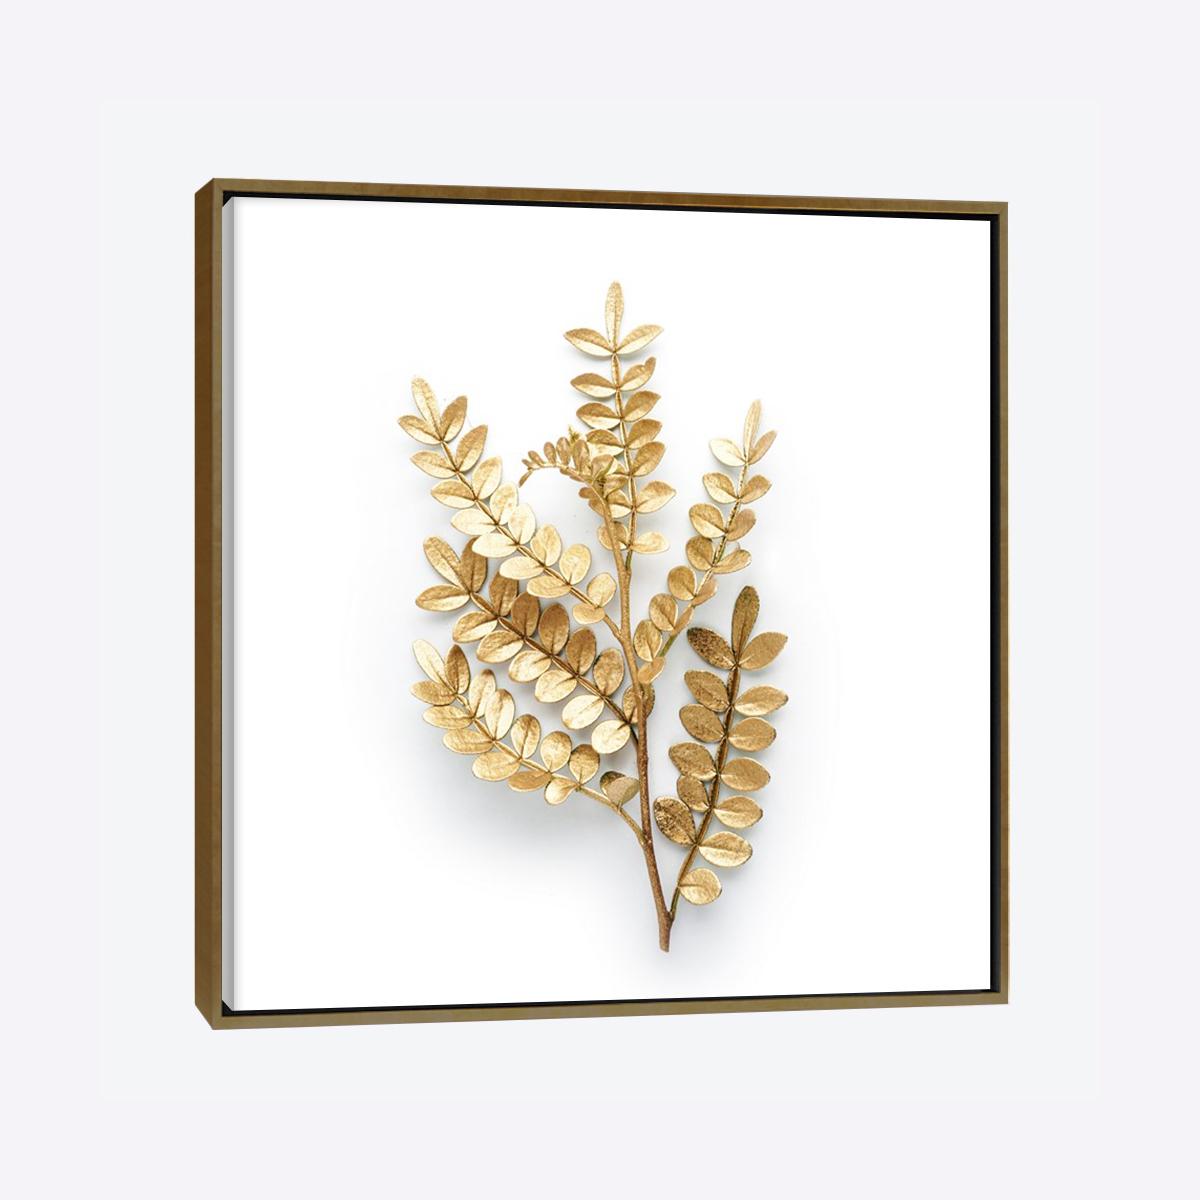 لوحات جدارية - غصن من الأوراق باللون الذهبي - لوحات جدارية - لوحات فنية مميزة - لوحة حائط مفعمة بألوان الأزهار والروح الطبيعية التي تبعثها لوحات الأزهار الفنية حيث تعطي سلام وذوق رفيع يتناسب مع جميع أثاثكم